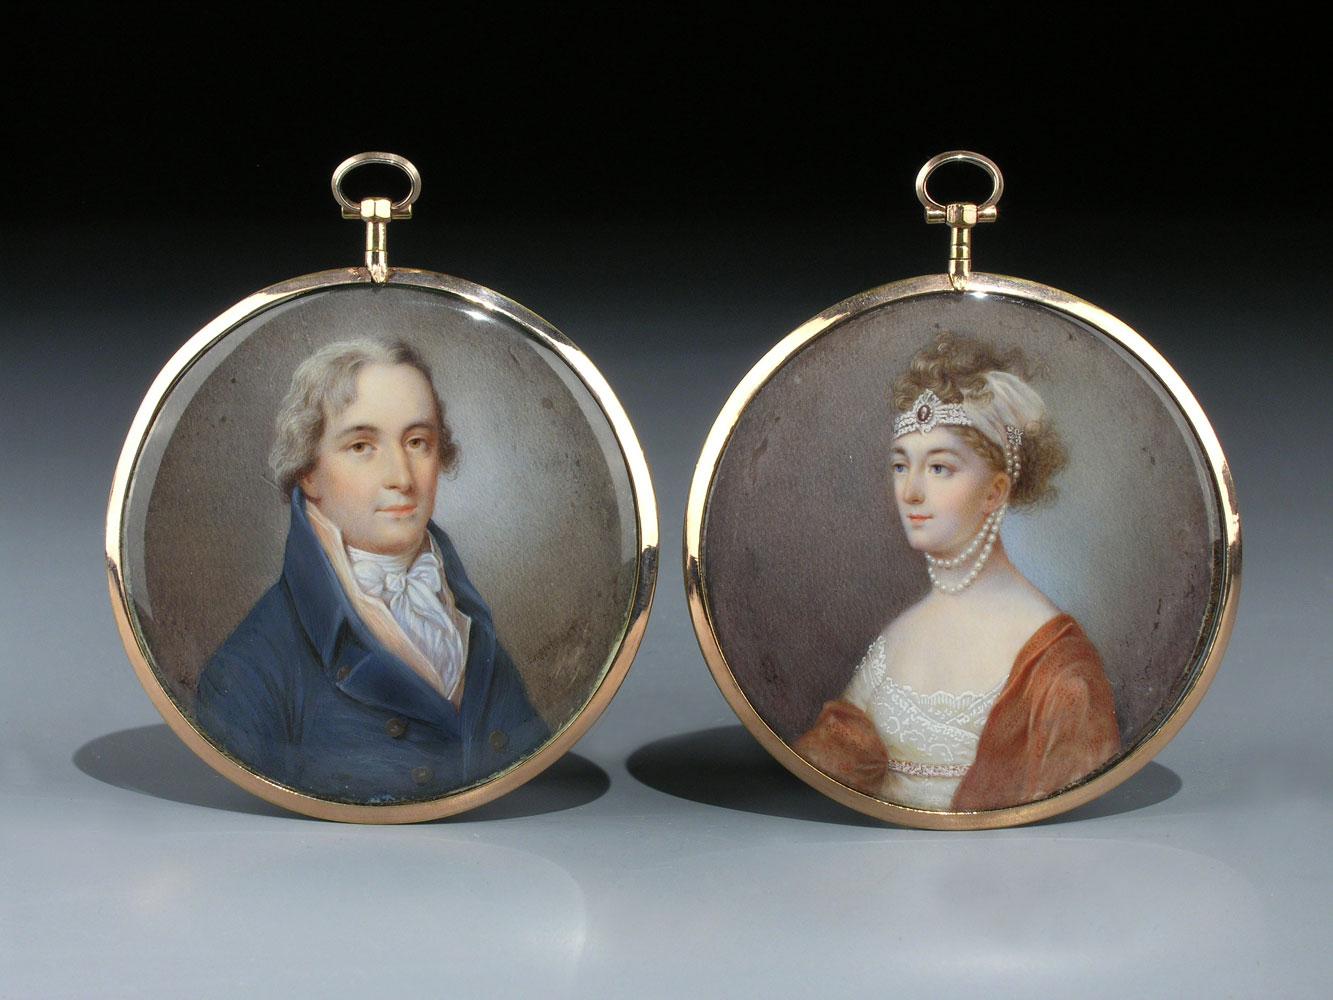 George Engleheart 1752 - 1829